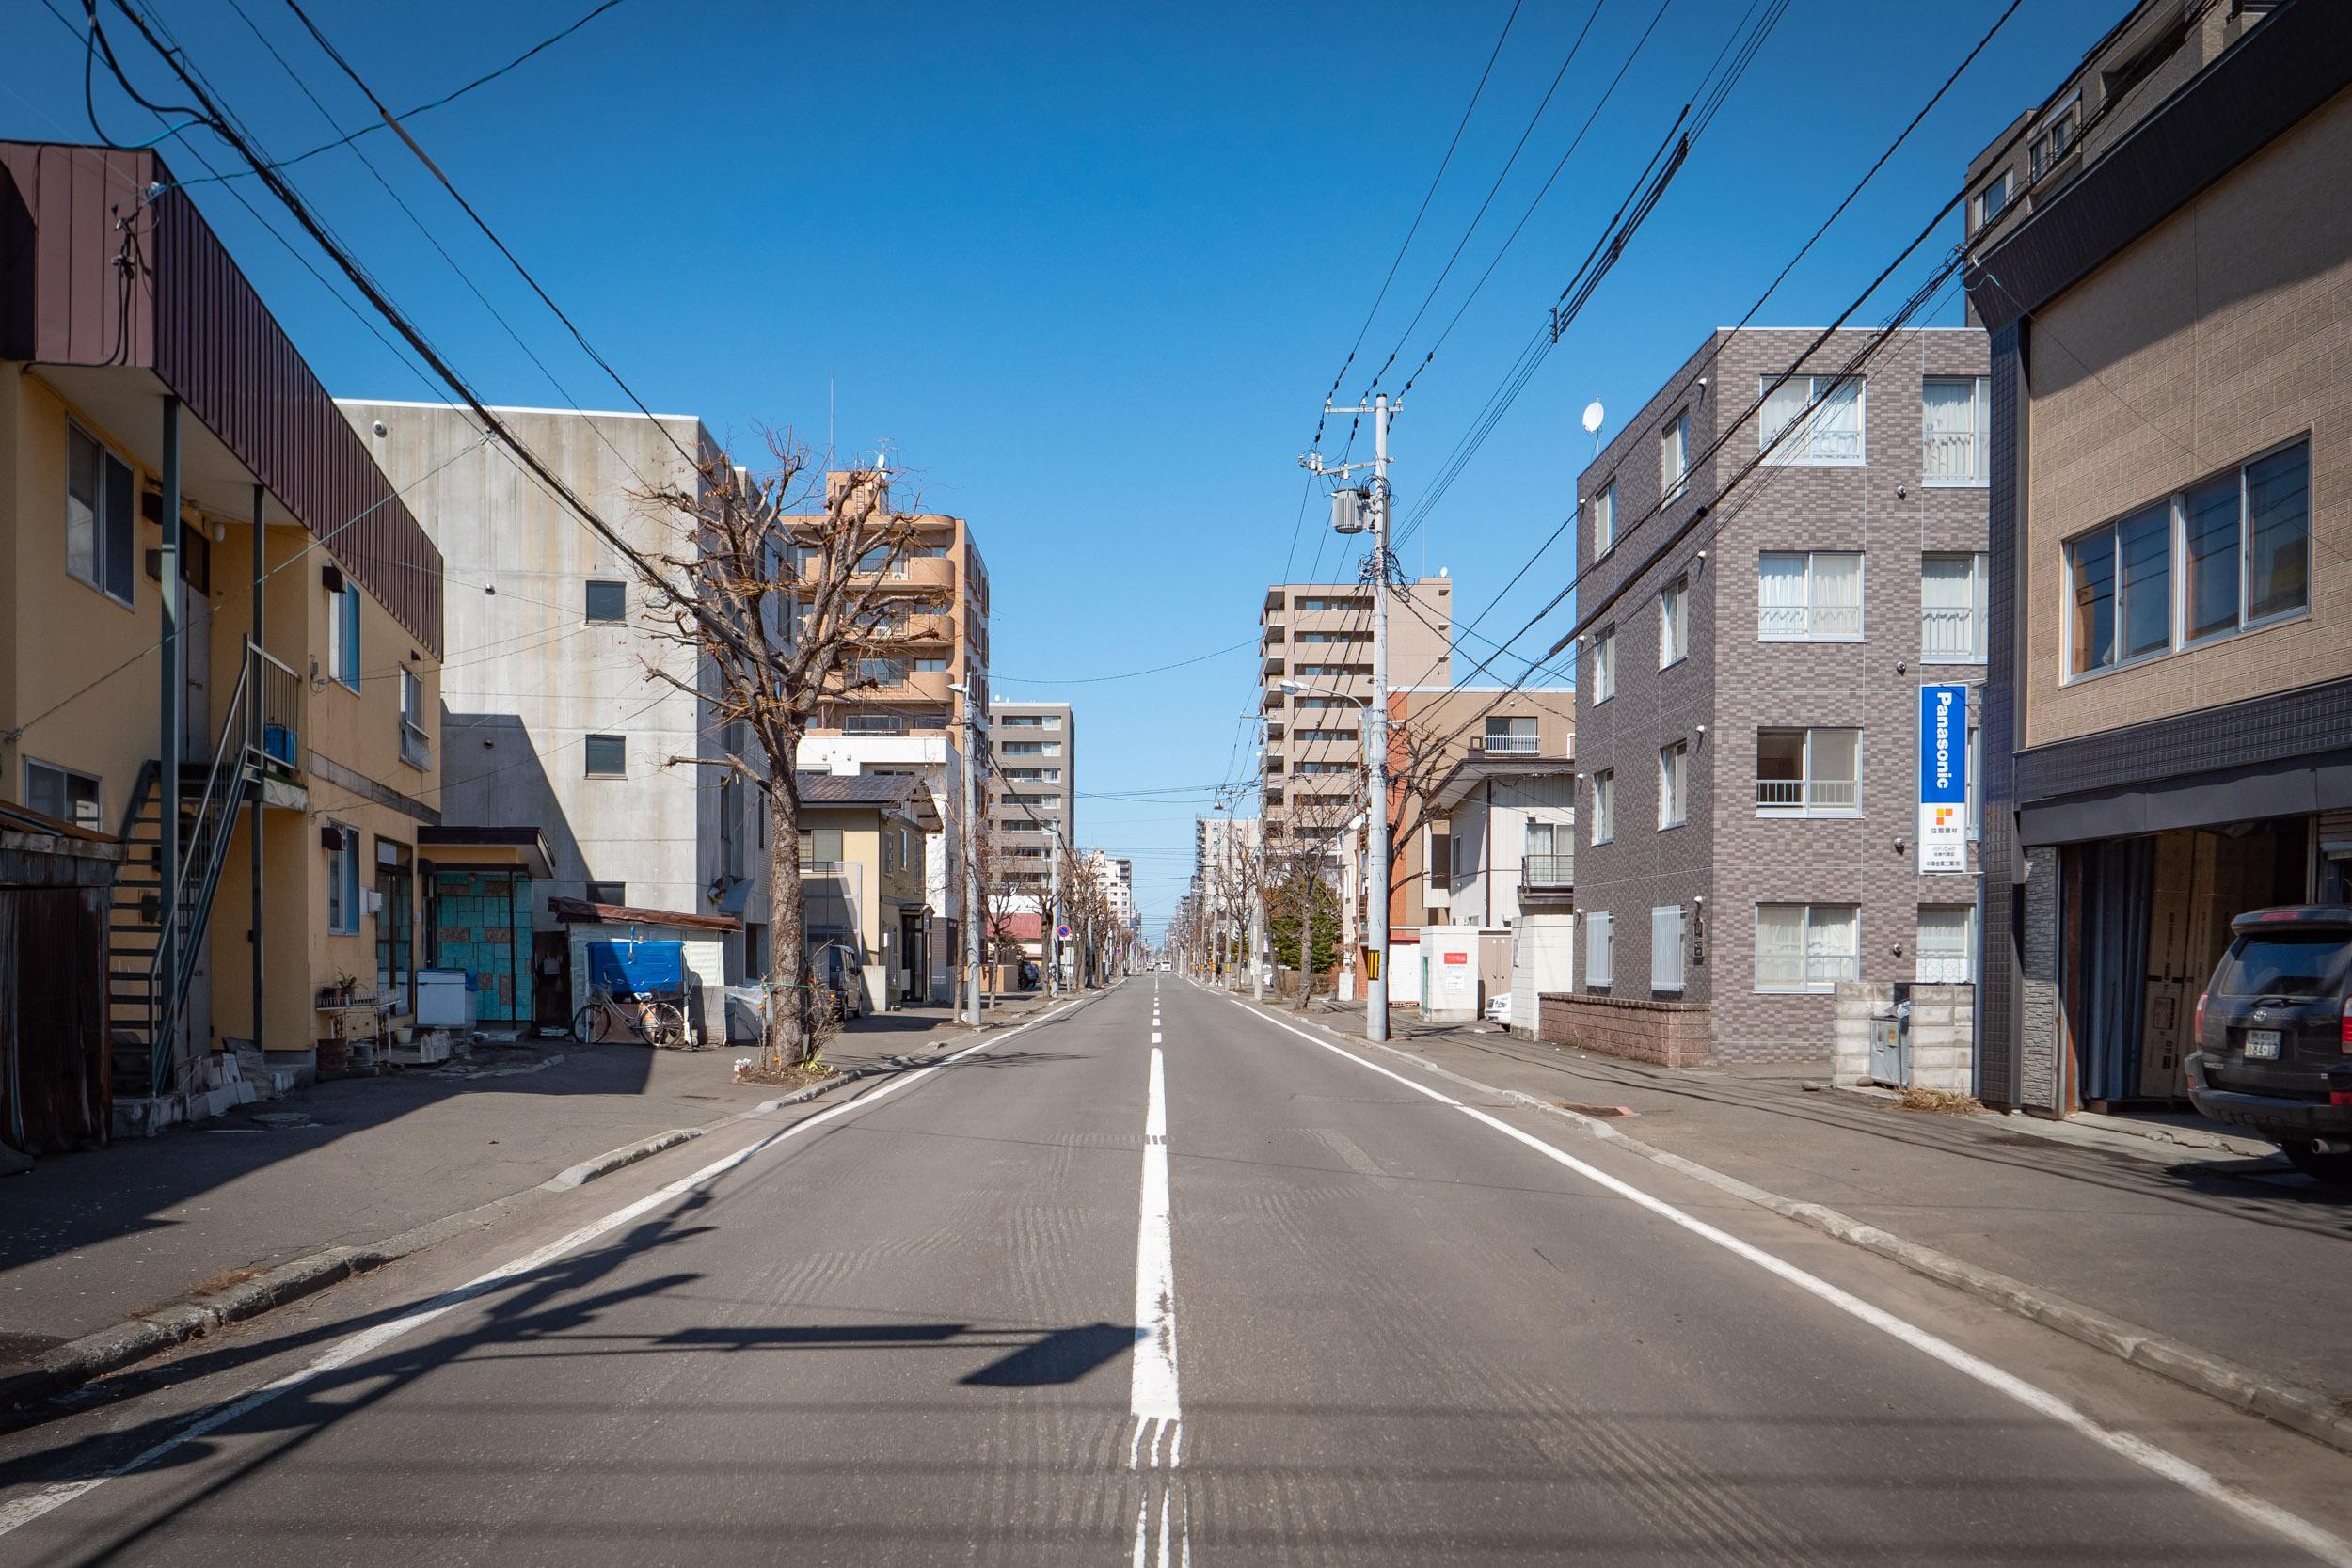 札幌市中央区南6条西23丁目あたりの街並み 青空の下どこまでも真っ直ぐに続く道通り DMC-GX8 + LEICA DG 12-60mm